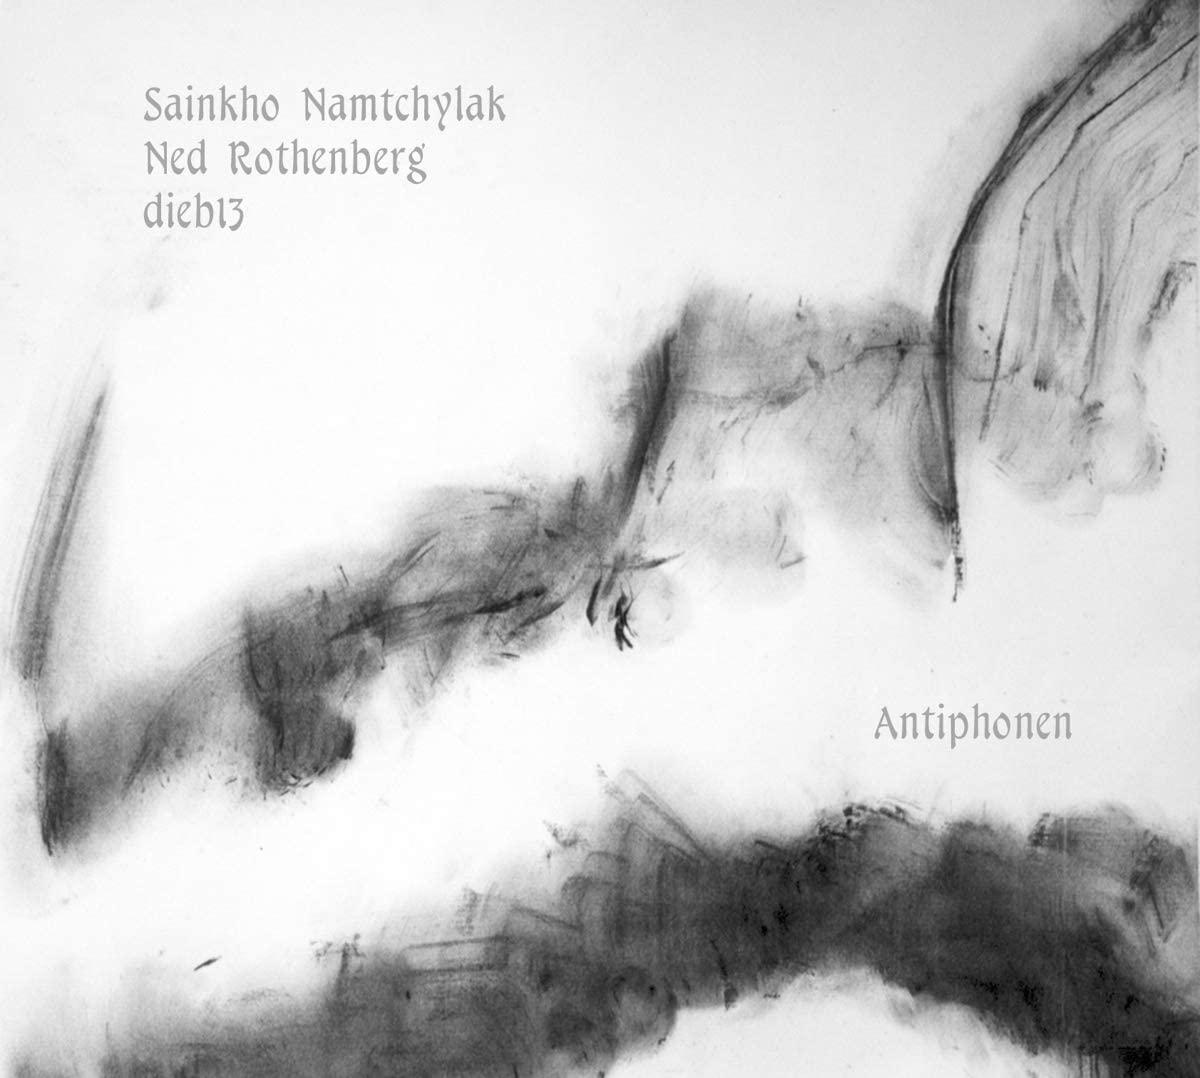 SAINKHO NAMTCHYLAK - Sainkho Namtchylak - Ned Rothenberg - Dieb13 : Antiphonen cover